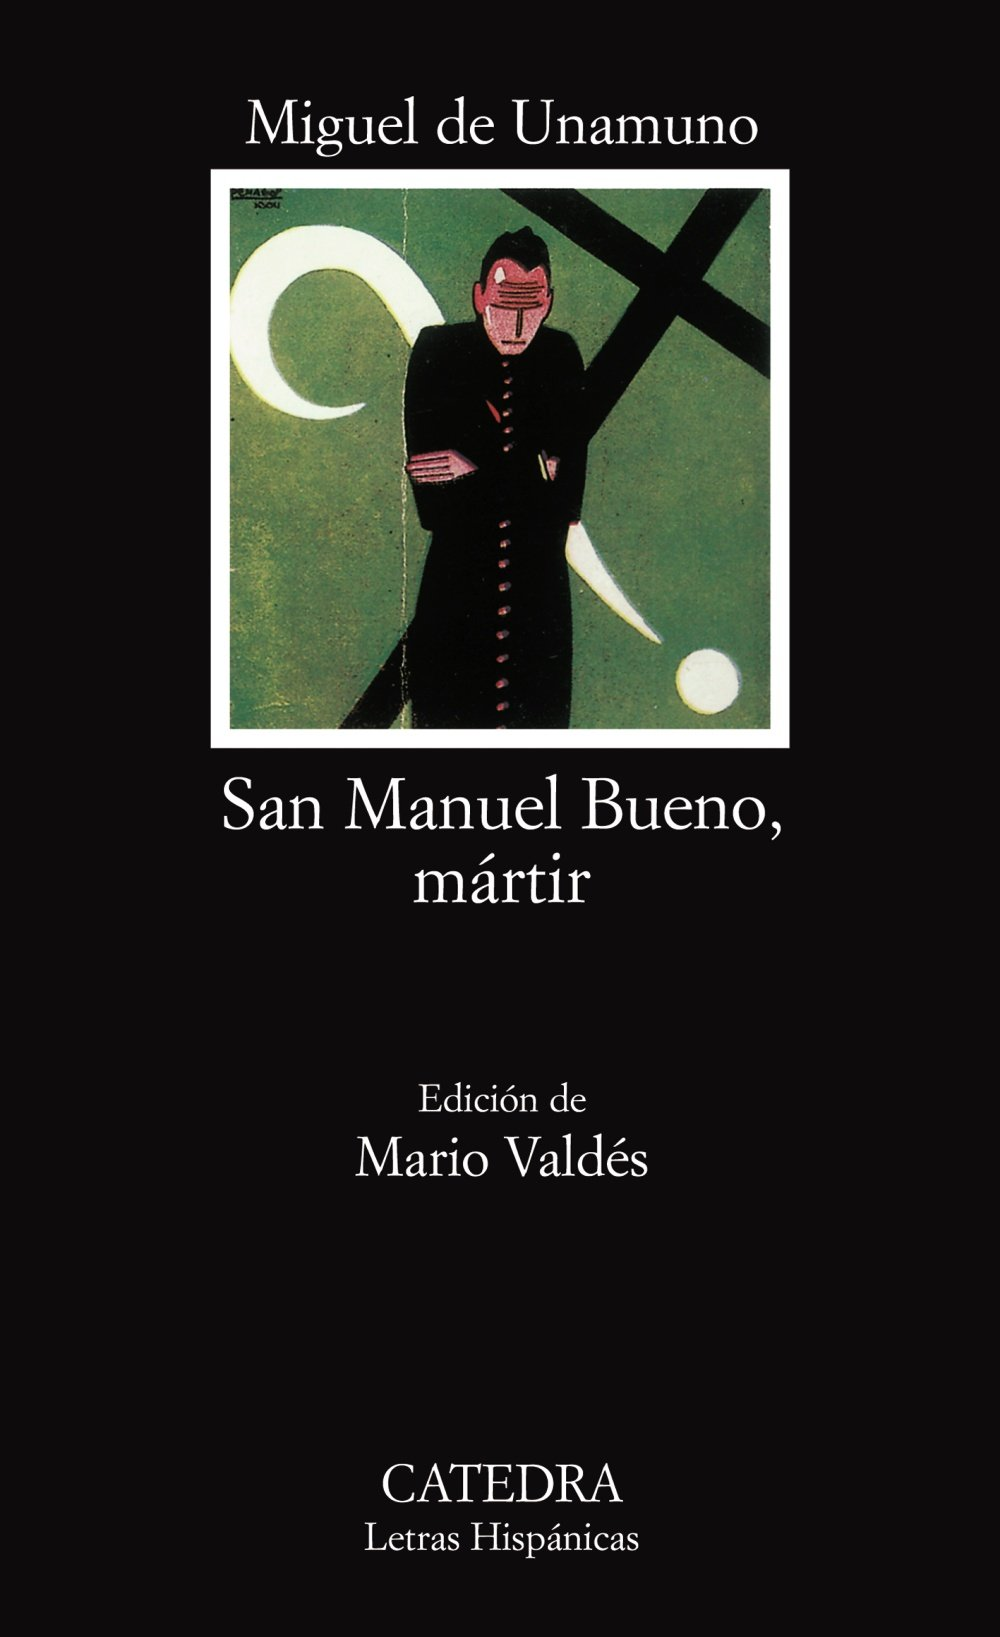 San Manuel Bueno, mártir: San Manuel Bueno, Martir Letras Hispánicas: Amazon.es: Unamuno, Miguel de: Libros